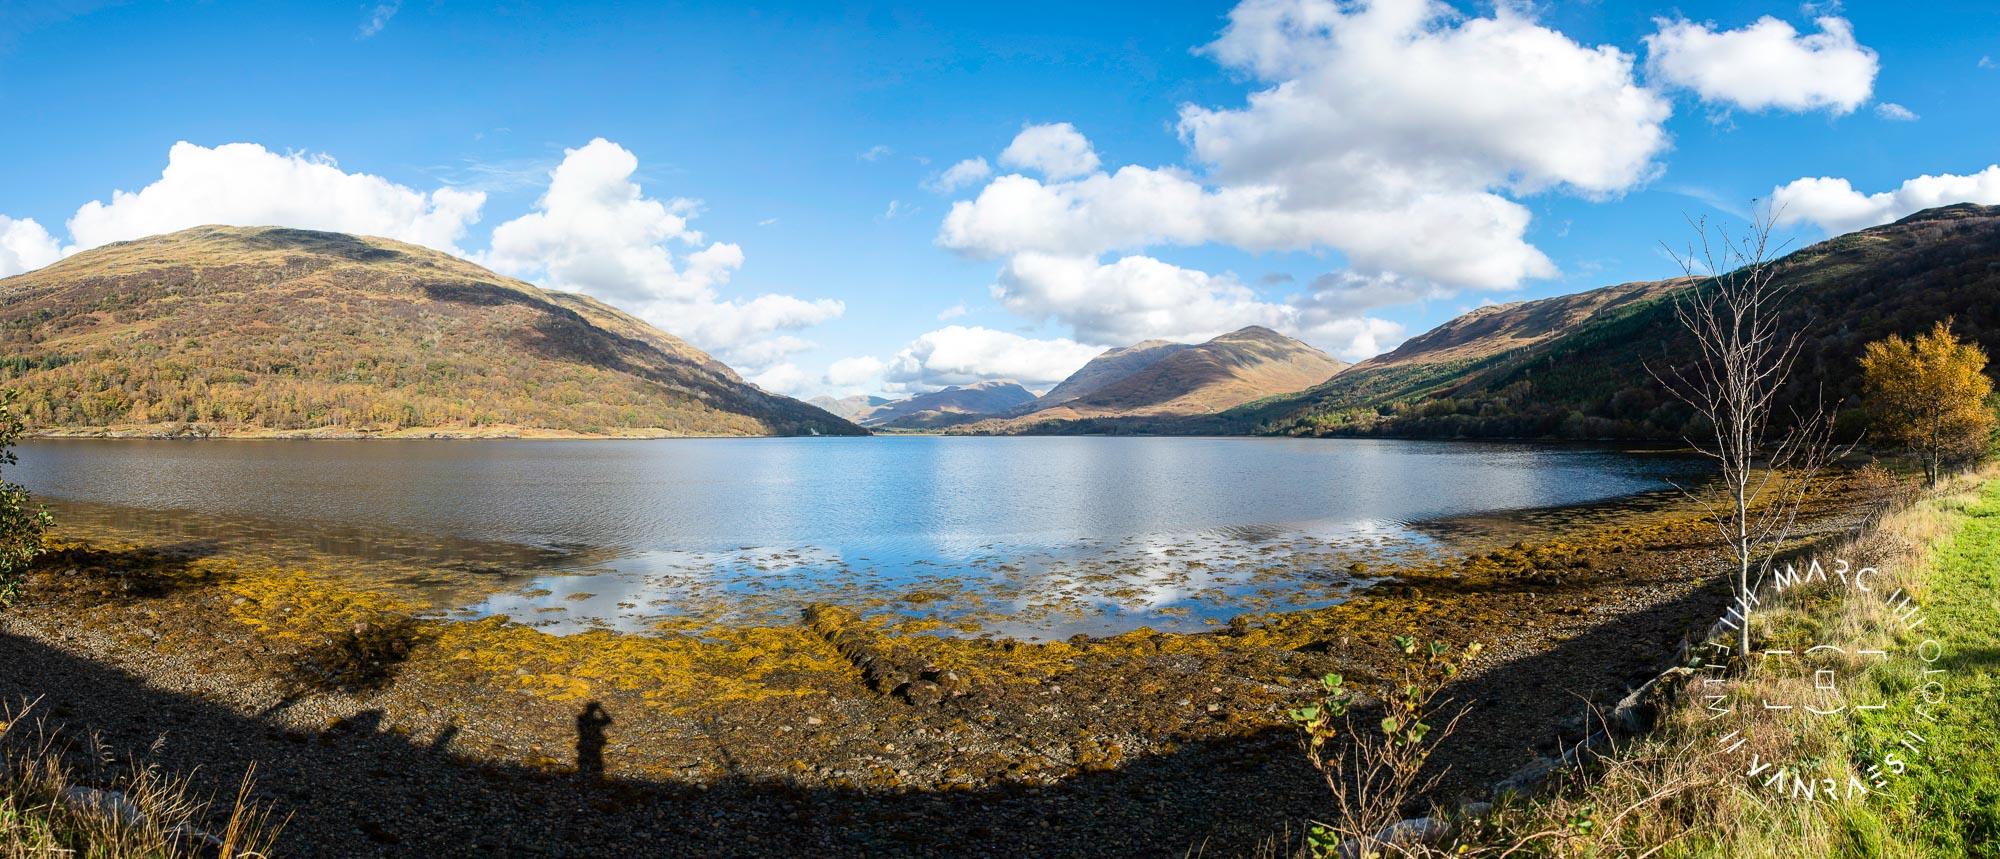 © Deze foto's van Loch Crenan 2 - www.marcvanraes.be - 2_